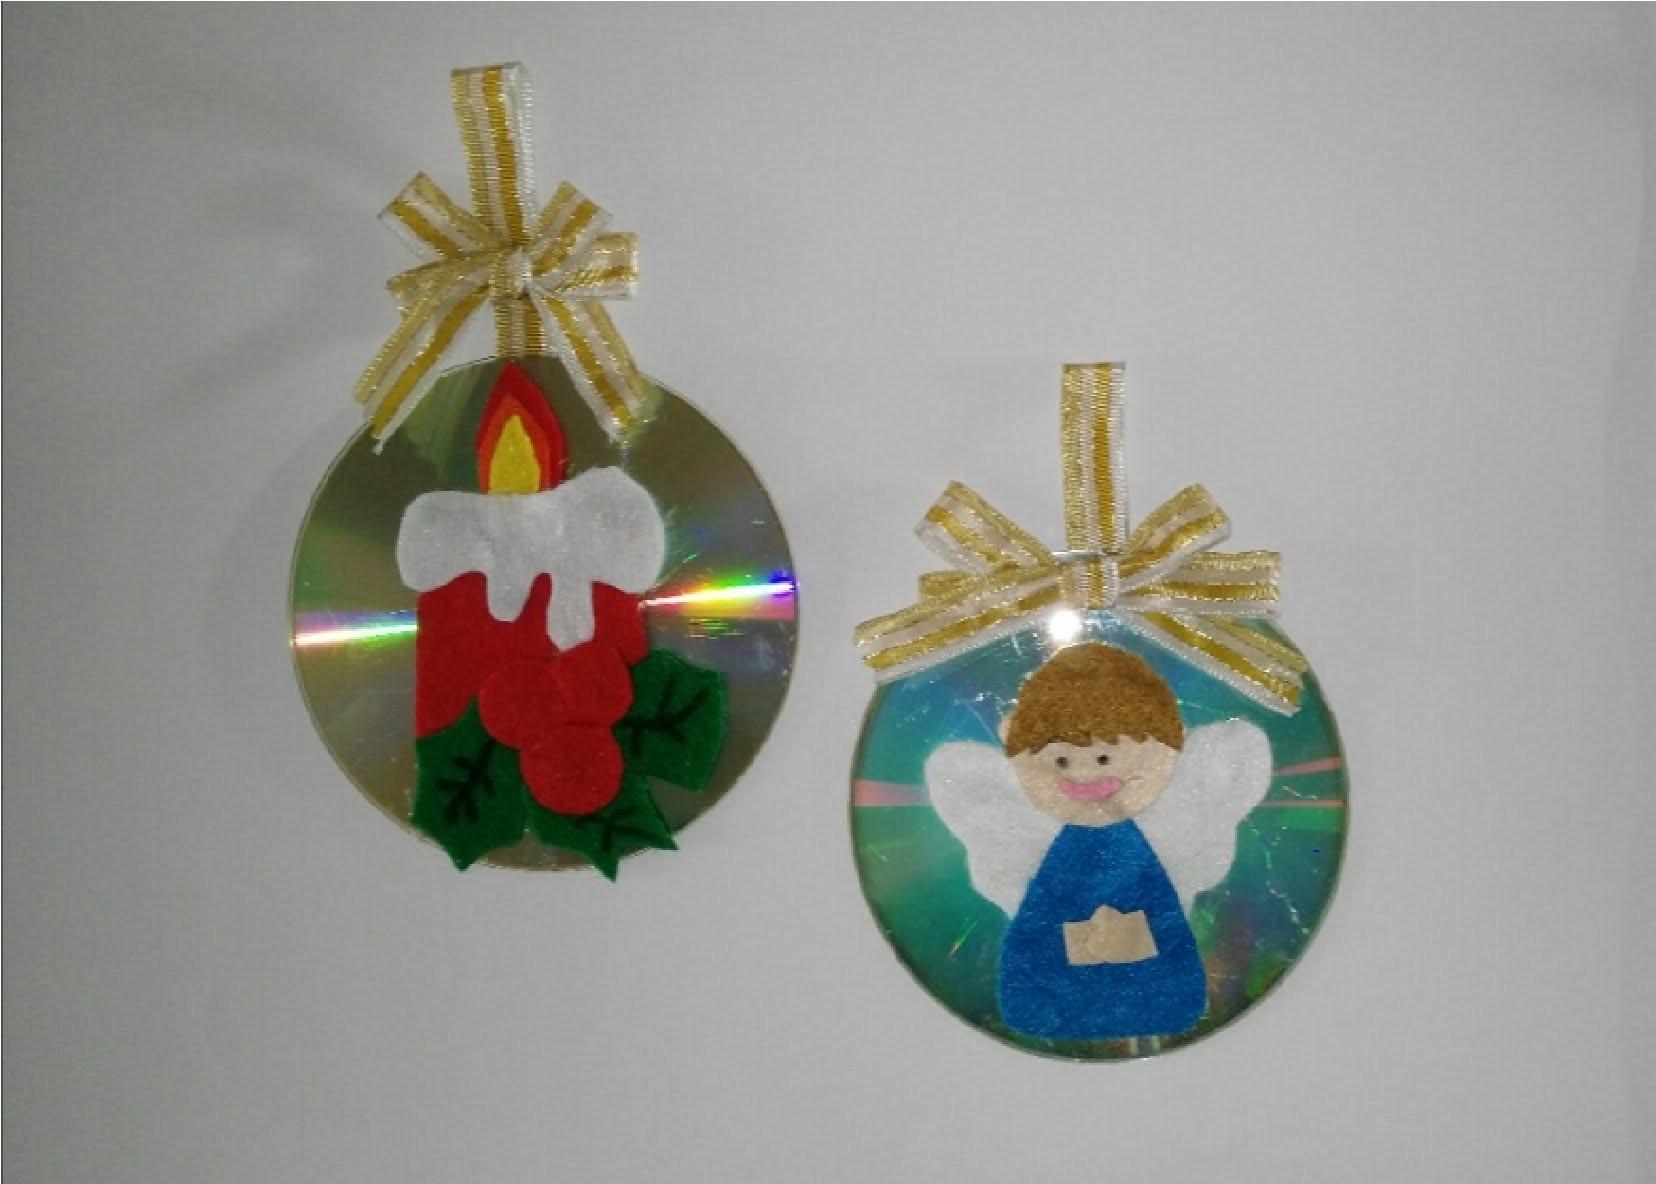 Como hacer adornos navide os con cd para el arbol de - Arbol de navidad adornos ...